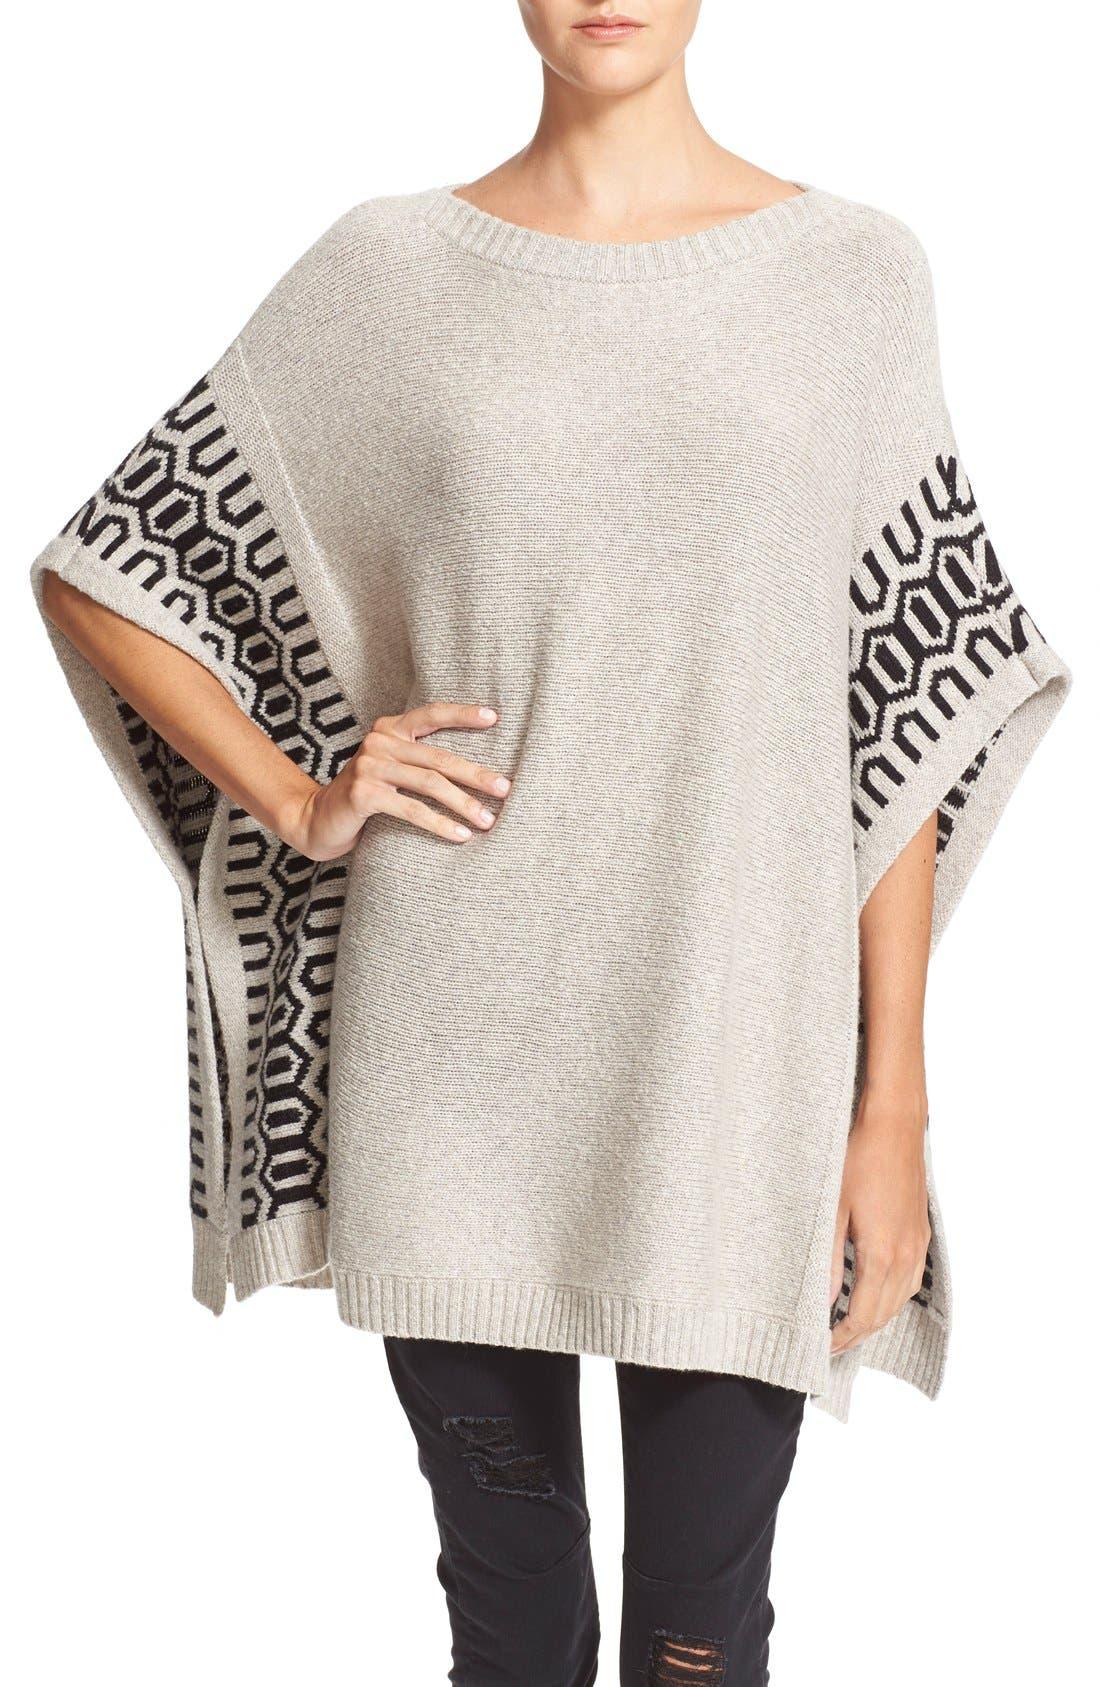 Loma'Joni' Wool & Cashmere Sweater